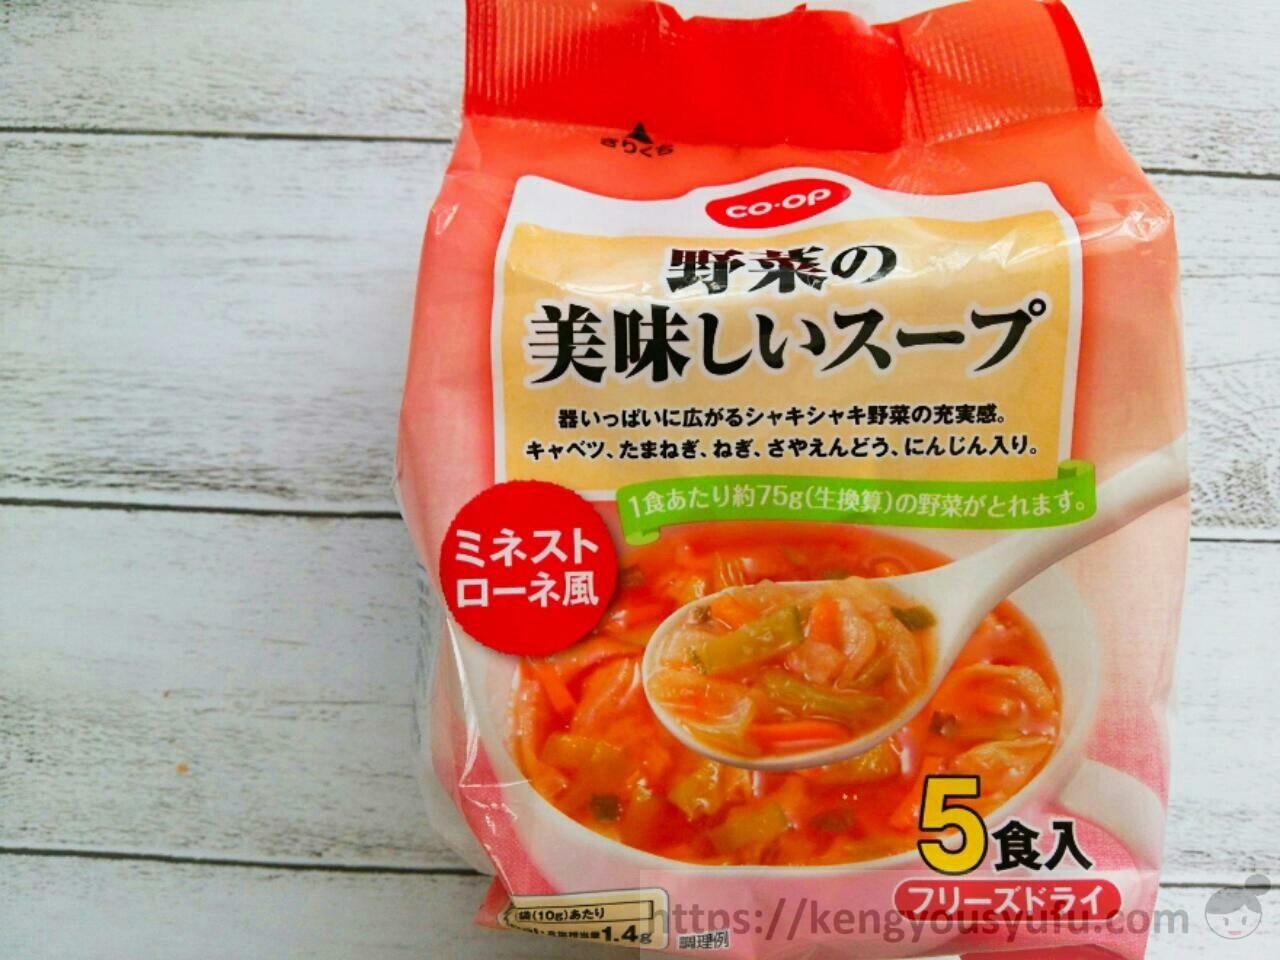 野菜の美味しいスープ トマトベース 食材宅配コープデリ